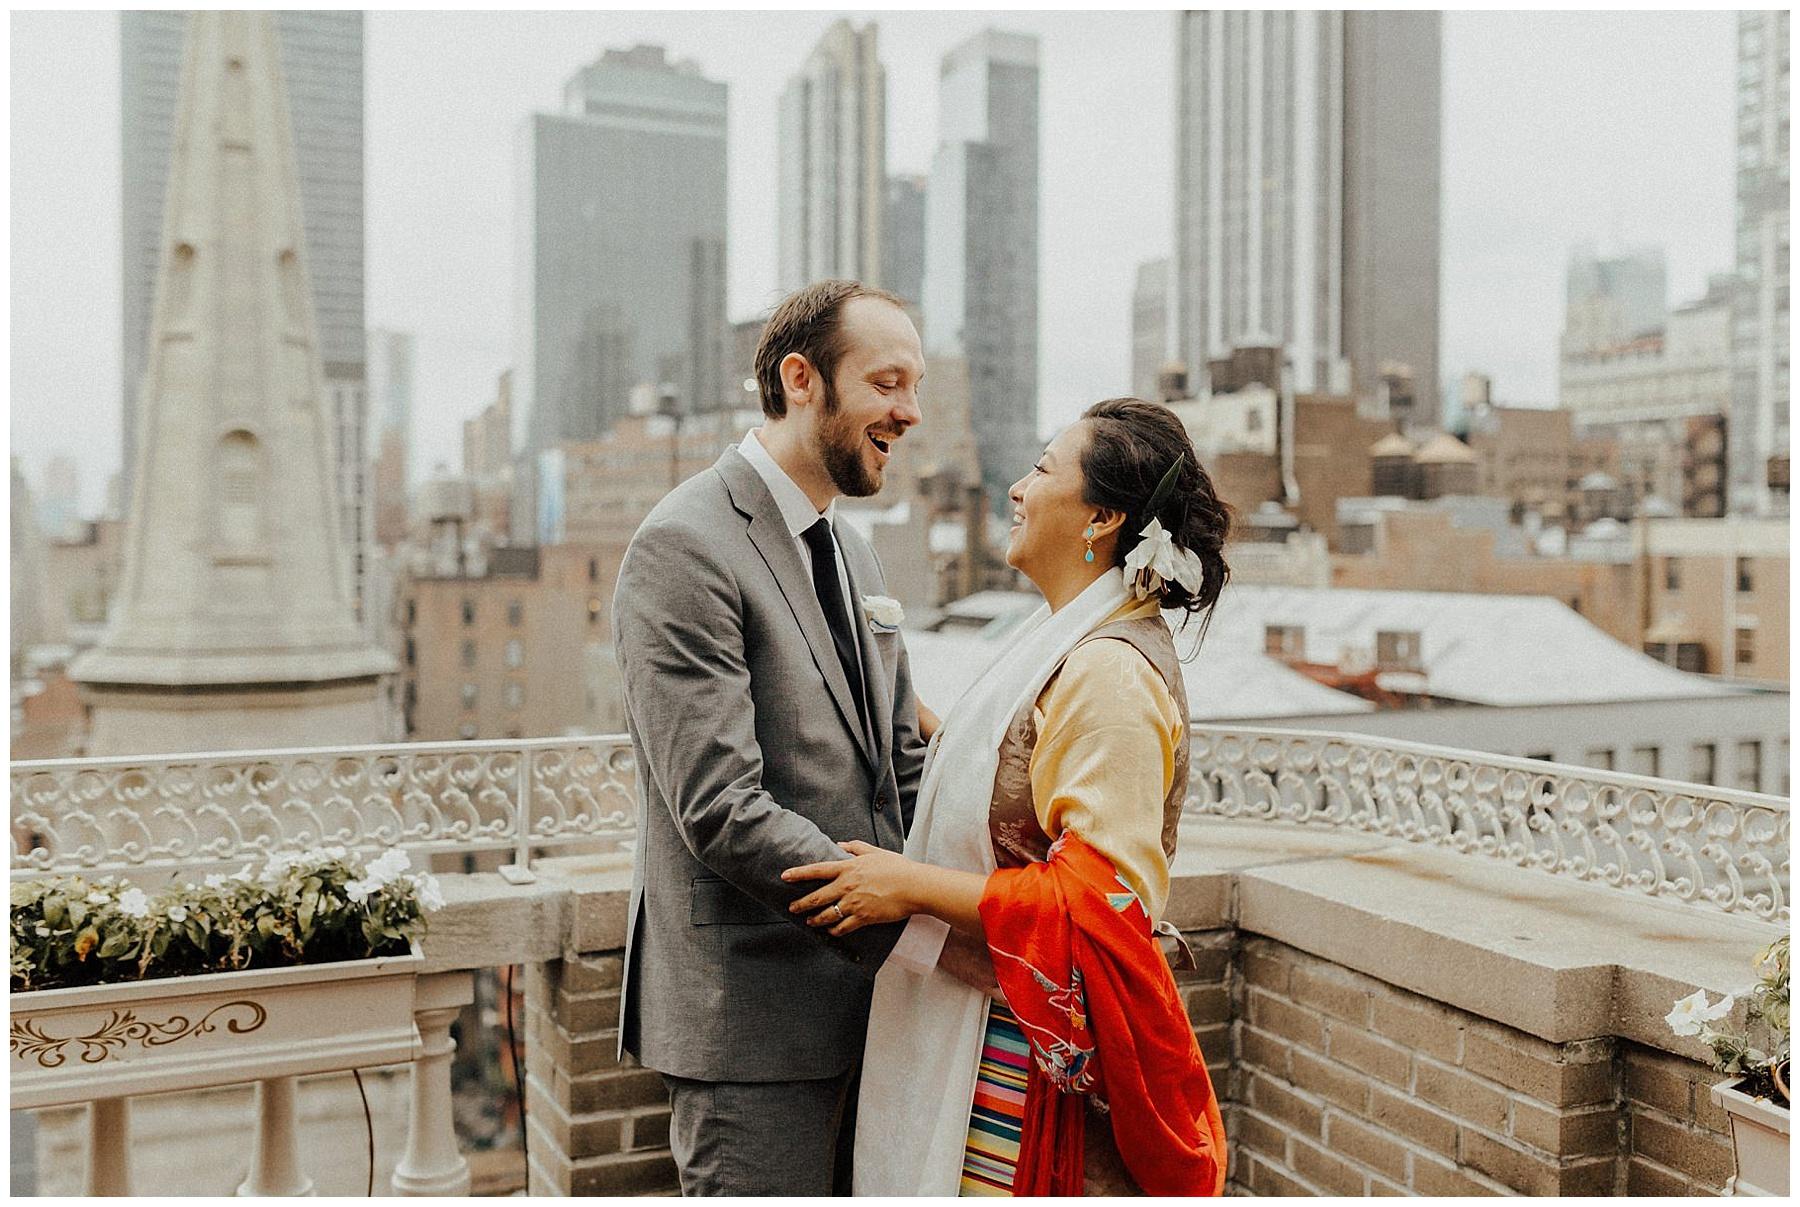 New York City Wedding New York City Wedding Photographer-28.jpg